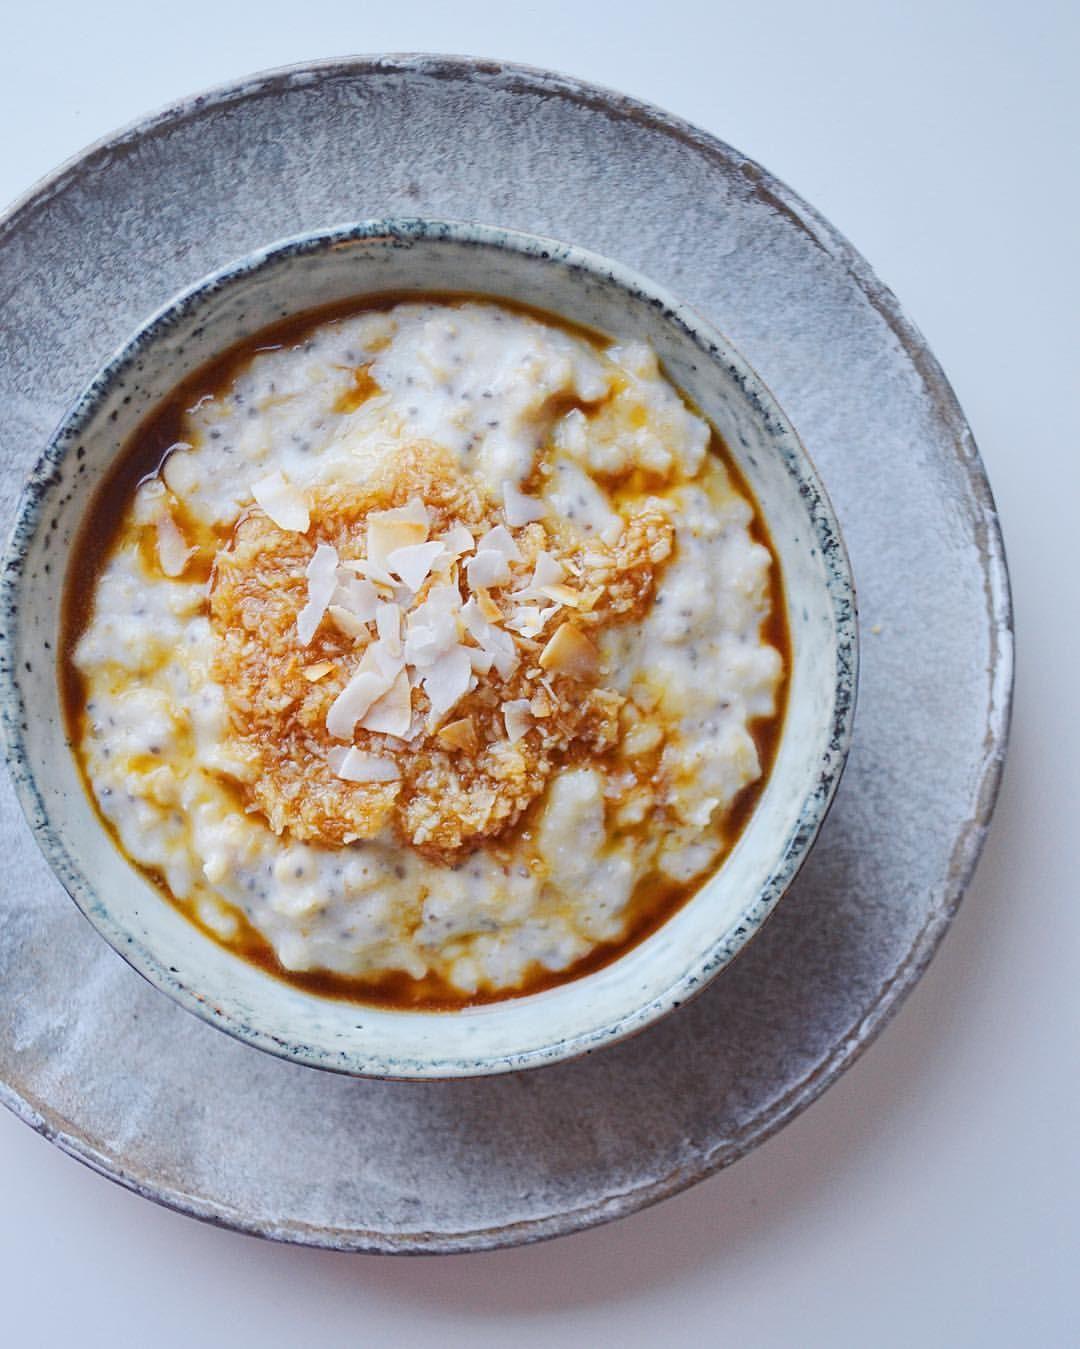 """@groedgrisen på Instagram • Varm grød i drømmekage-edition 👀  Lav en """"glasur"""" af 10g vaniljeproteinpulver og lidt vand. Når grøden er næsten færdig, tilsættes glasuren, der blandes godt, og grøden koges færdig. Toppingen laves ved at smelte 10g smør i en gryde, og derefter tilsætte 10g kokosmælk, 10g kokosmel og 10g zero pure gold. Røre rundt og lade det blive ligesom var det til en drømmekage! Evt lav det dagen før, og sæt det i køleskabet, så den samler sig."""